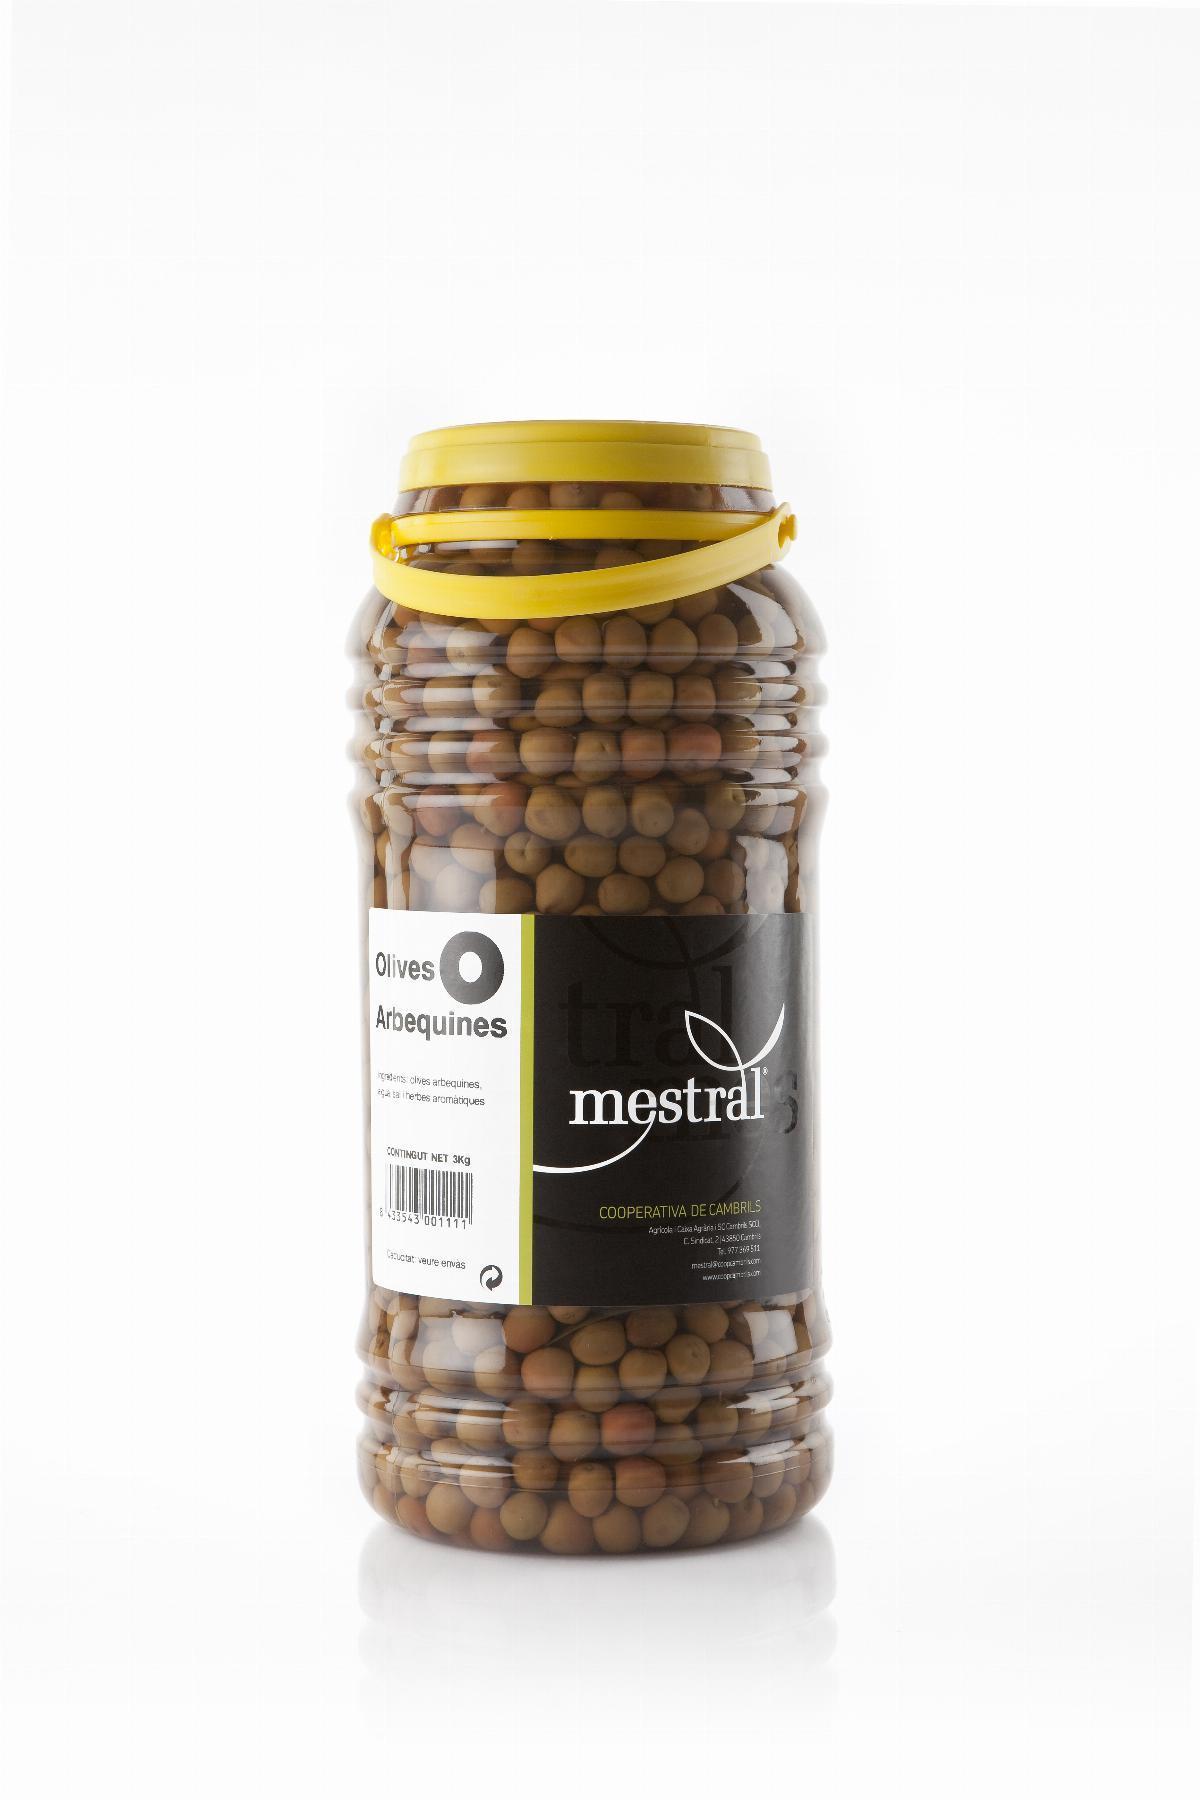 Olives - Olives Arbequina Mestral plàstic 10Kg CAT-ES - Mestral Cambrils